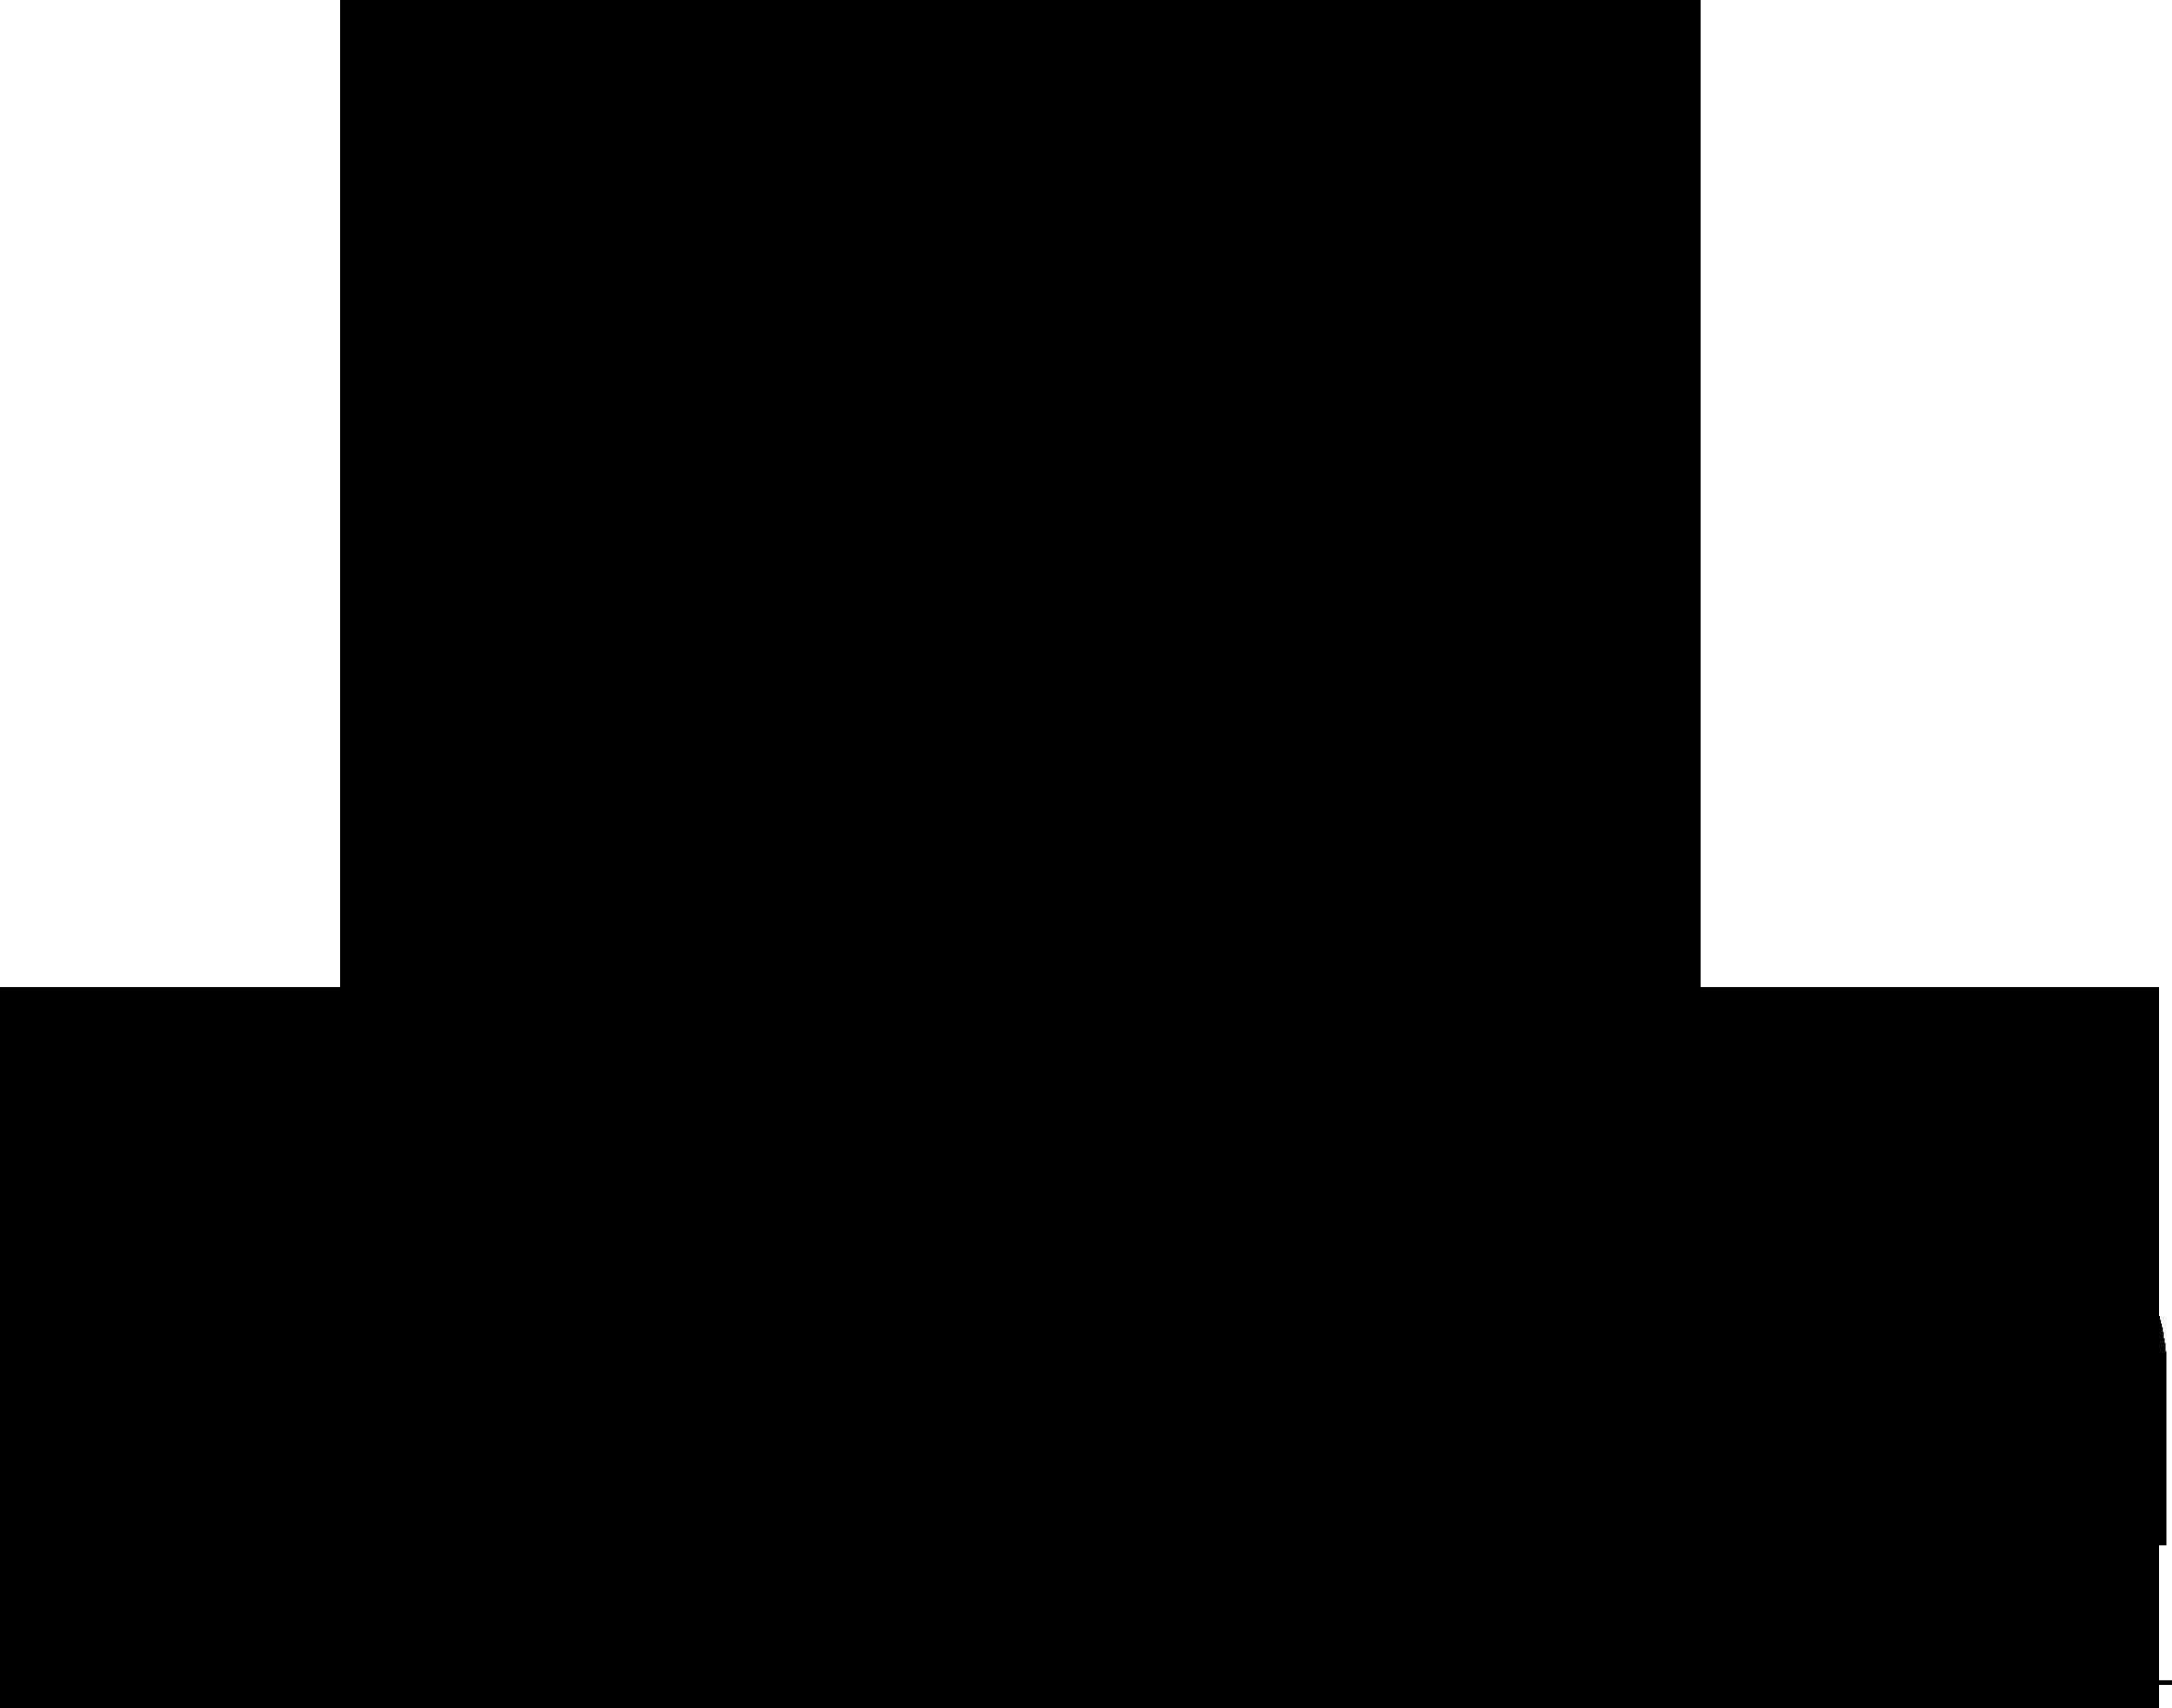 GuiBcn